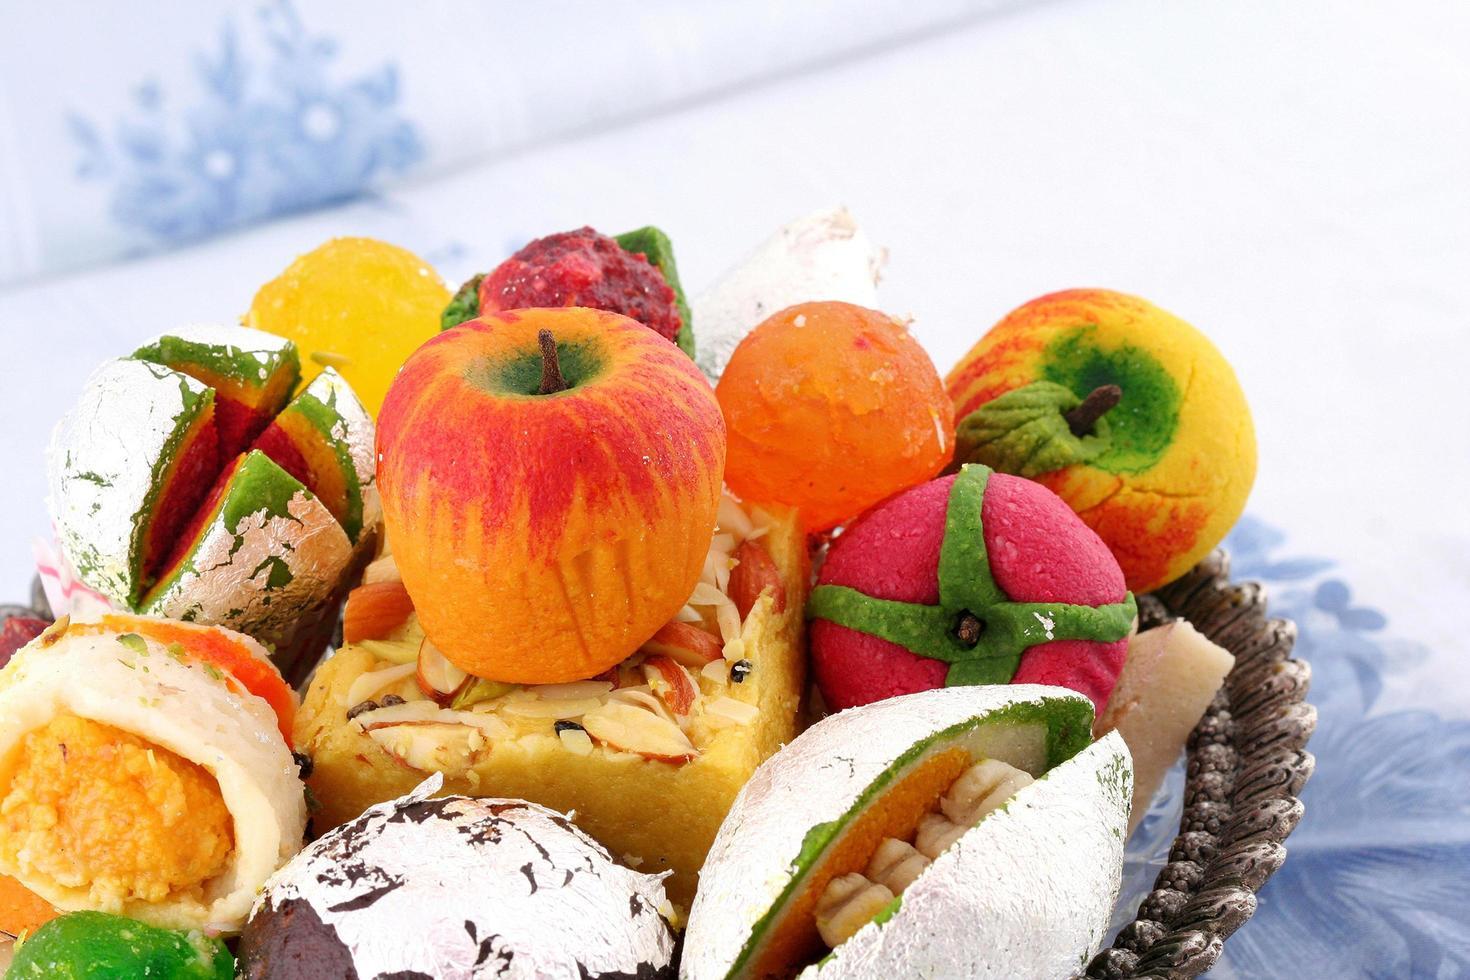 corbeille de fruits indienne photo